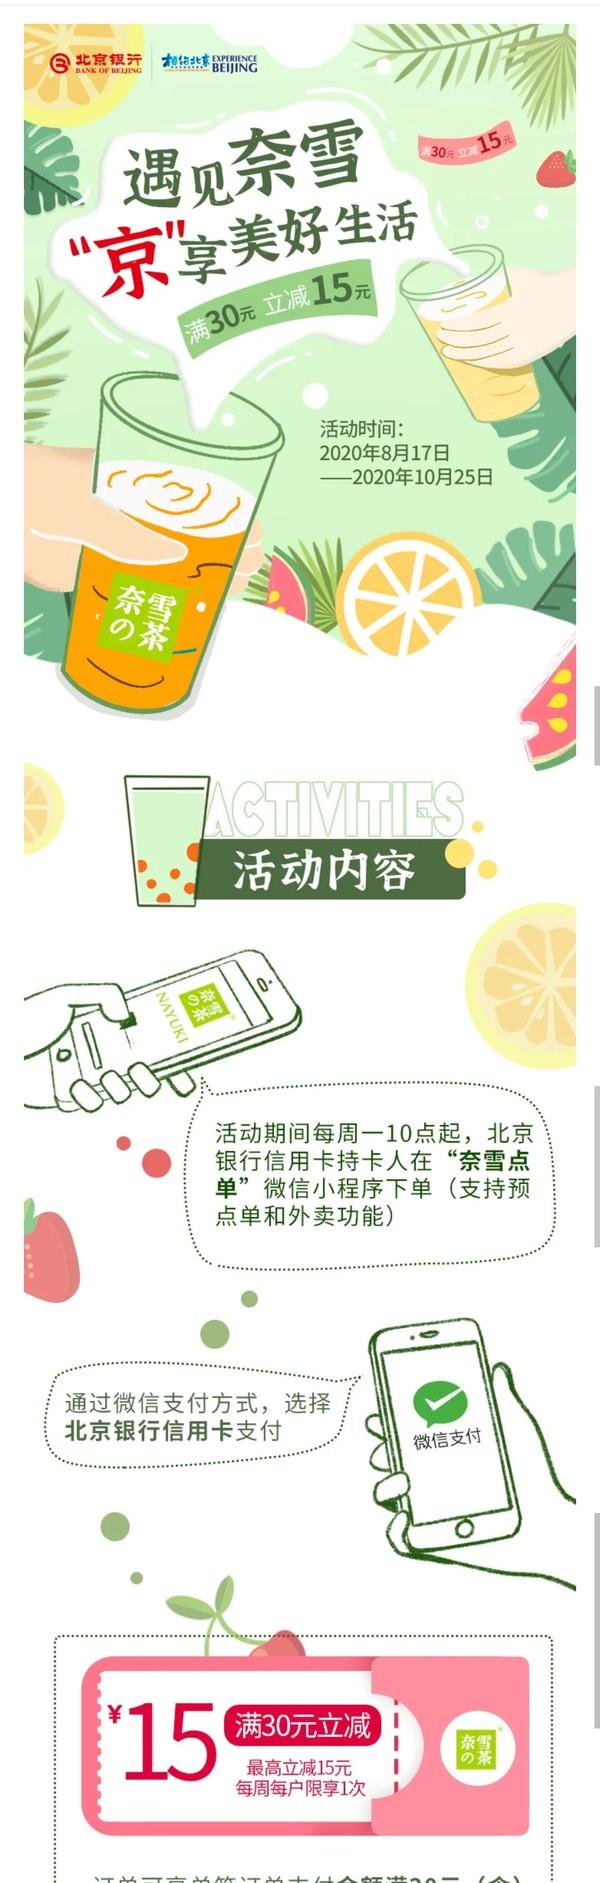 北京银行 X 奈雪的茶 小程序点单